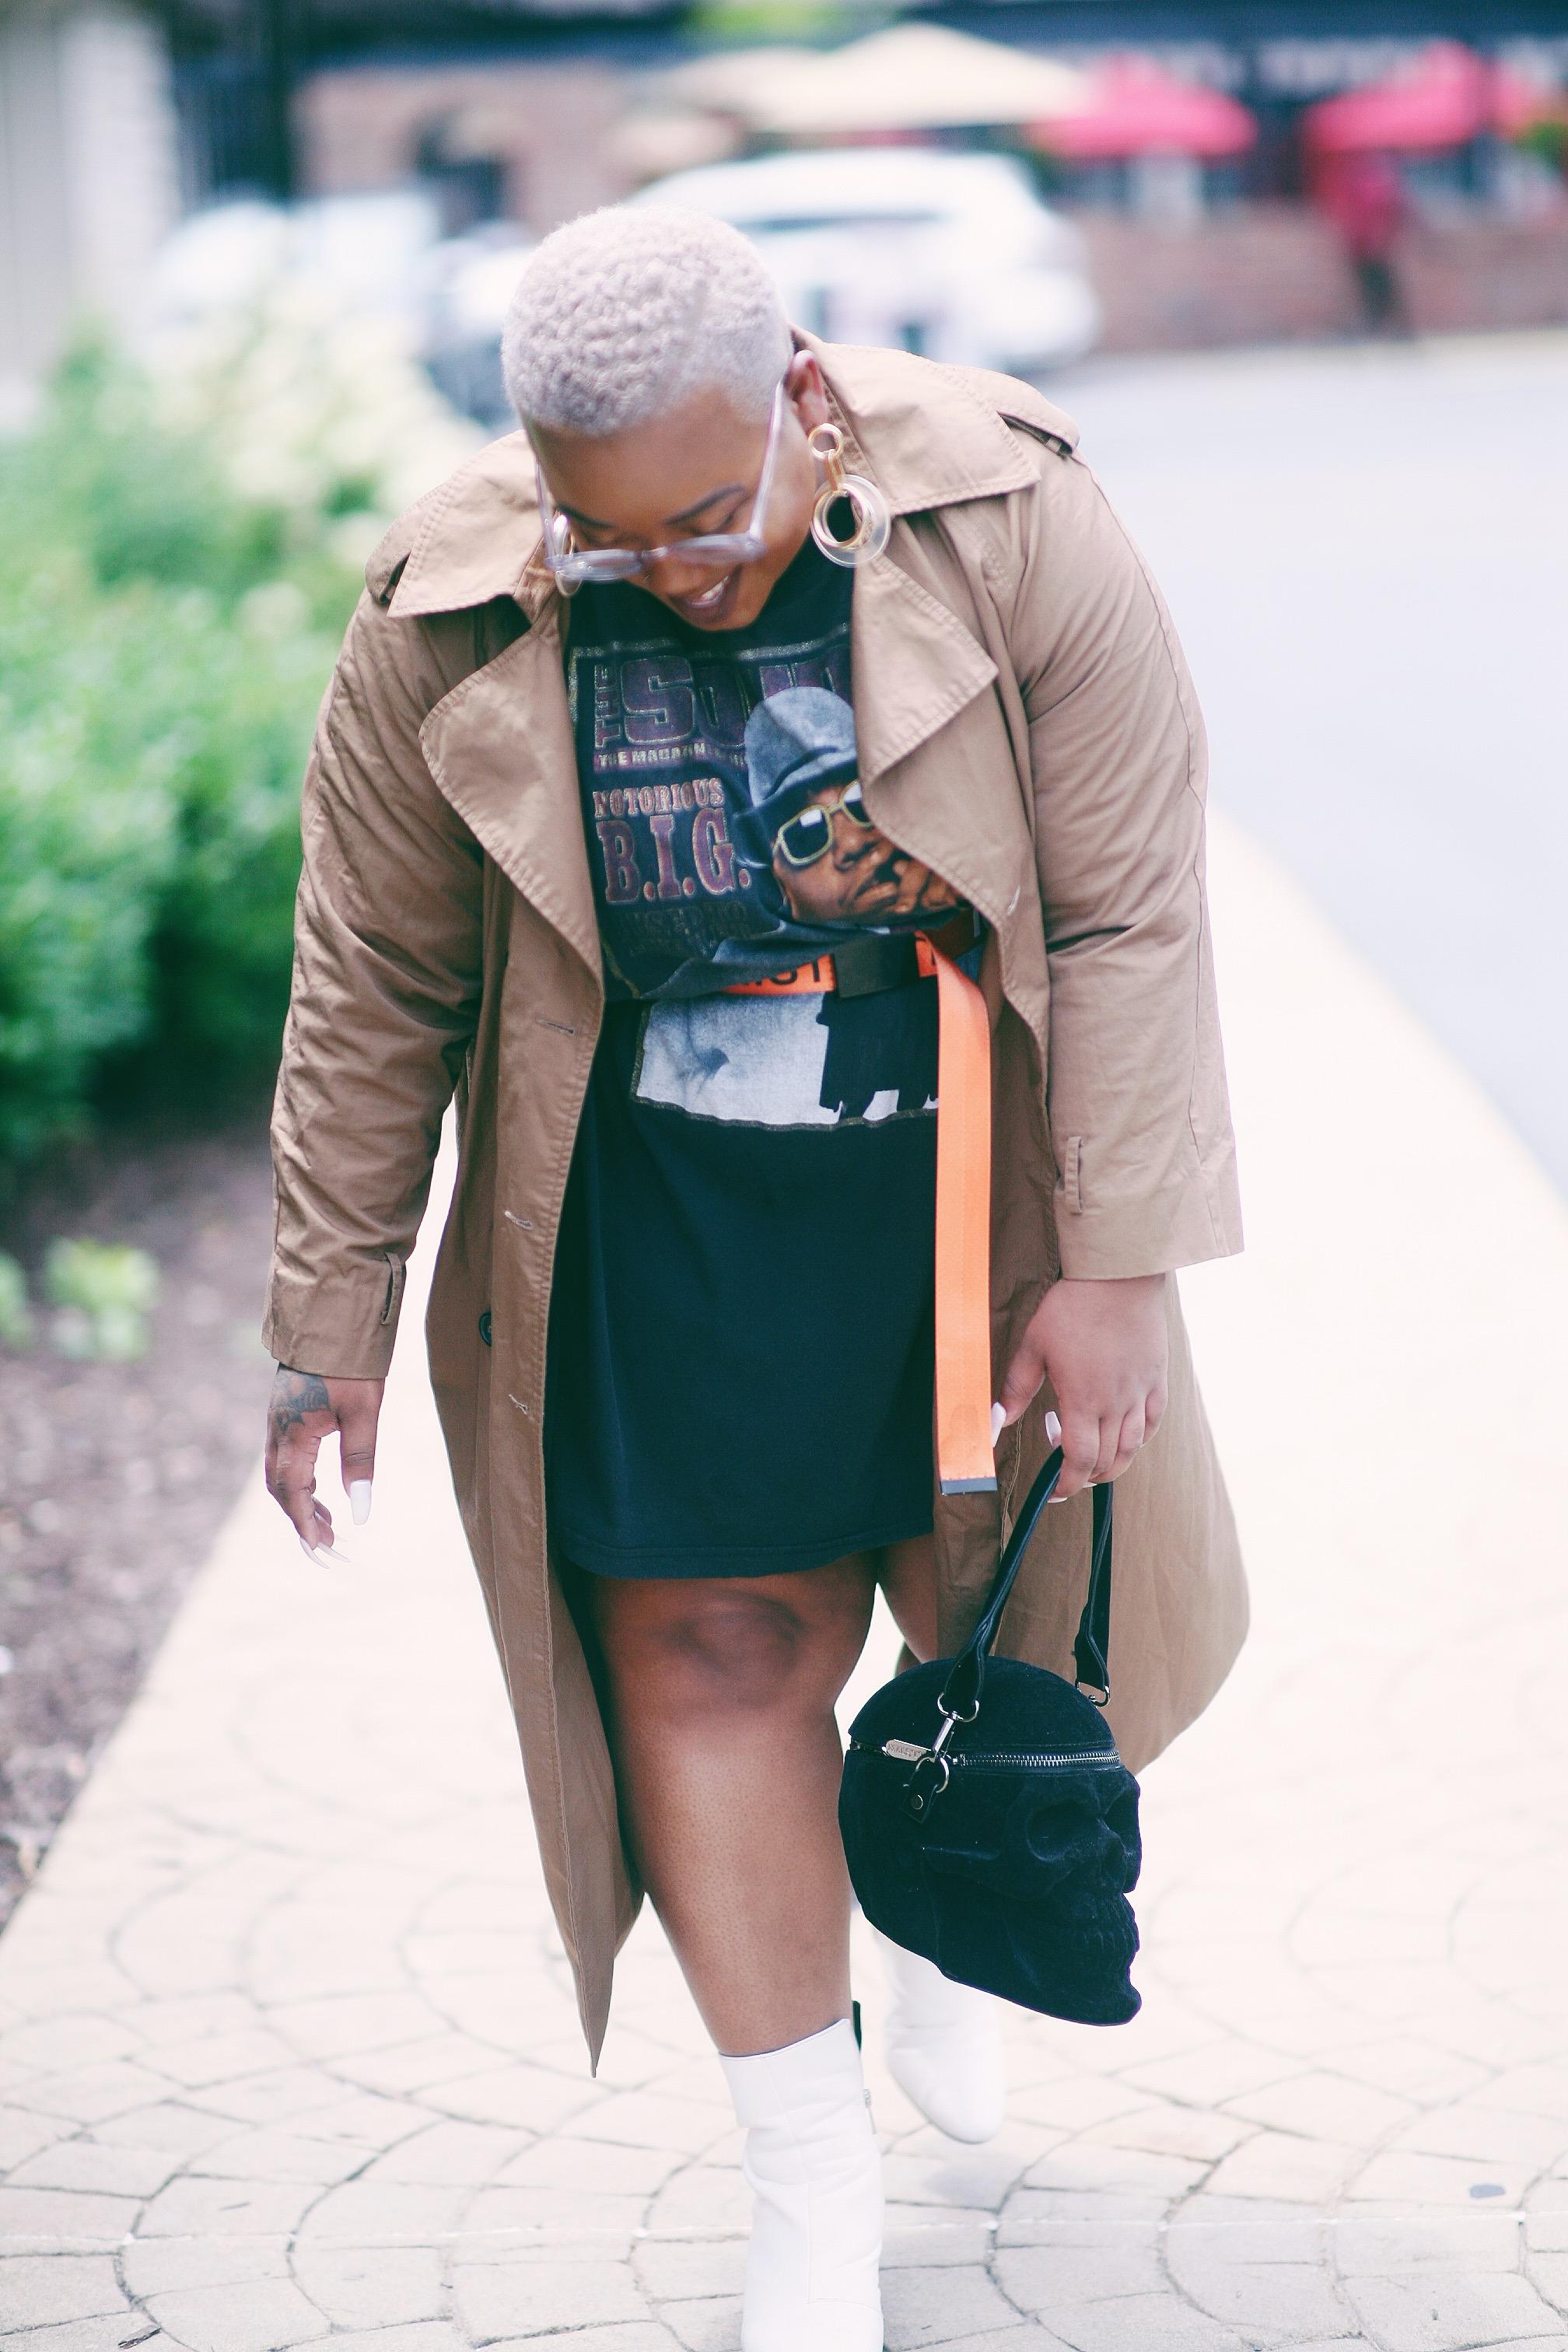 ak-brown-stl-fashion-blogger